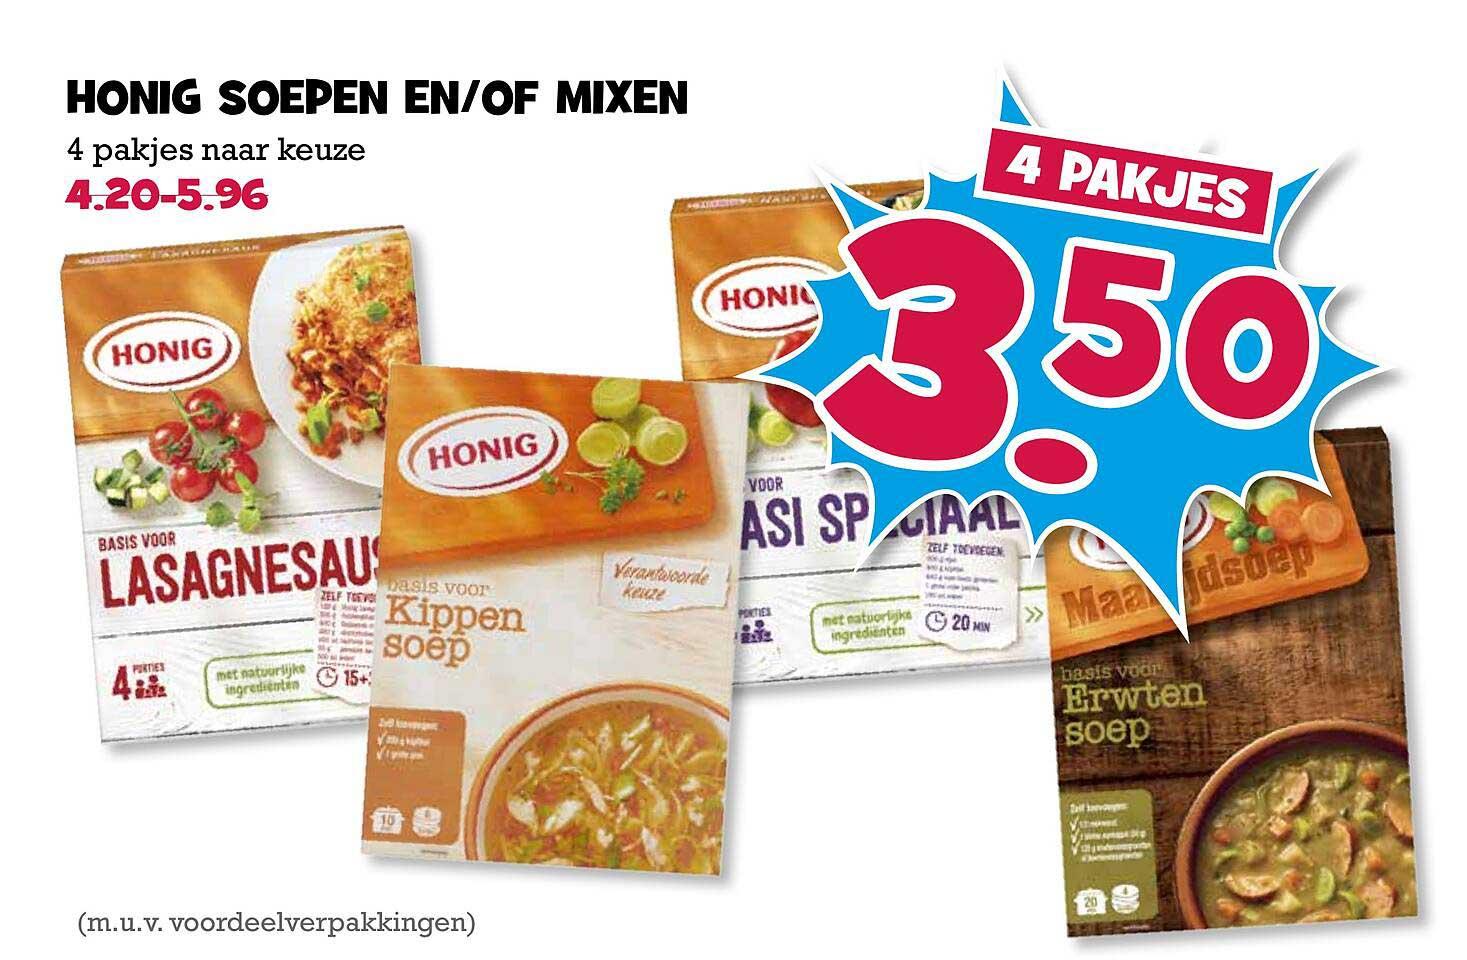 Boon's Markt Honig Soepen En-of Mixen